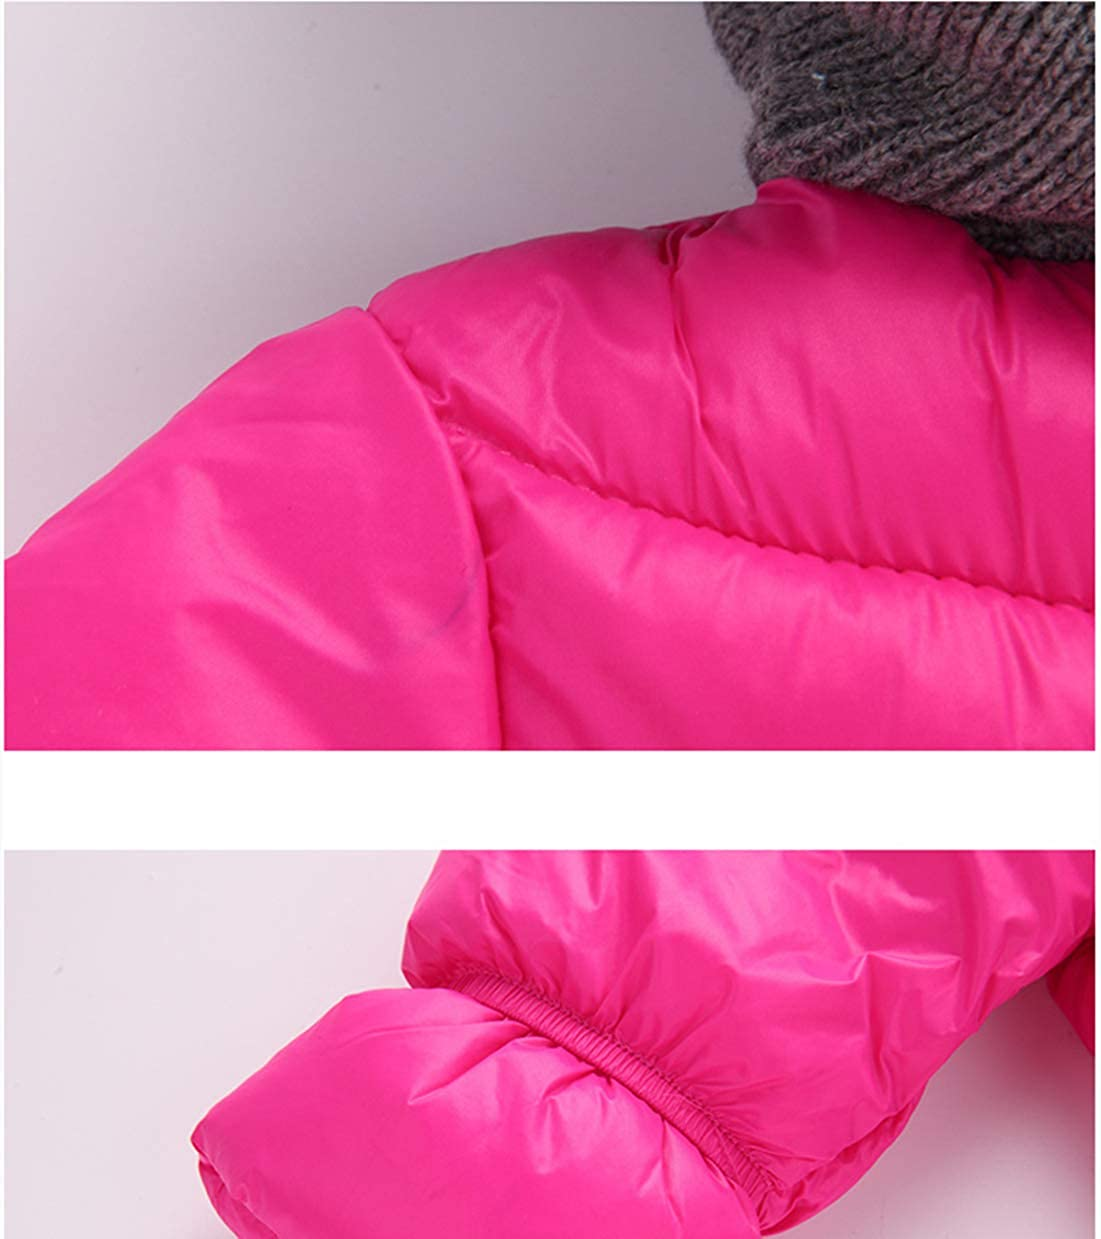 Kinder Lange /Ärmel Spielanzug M/ädchen Baumwolle Oberbekleidung Jungs Onesies Down Jacke Kind Hoodie Jumpsuit Winter Schneeanzug S-XL